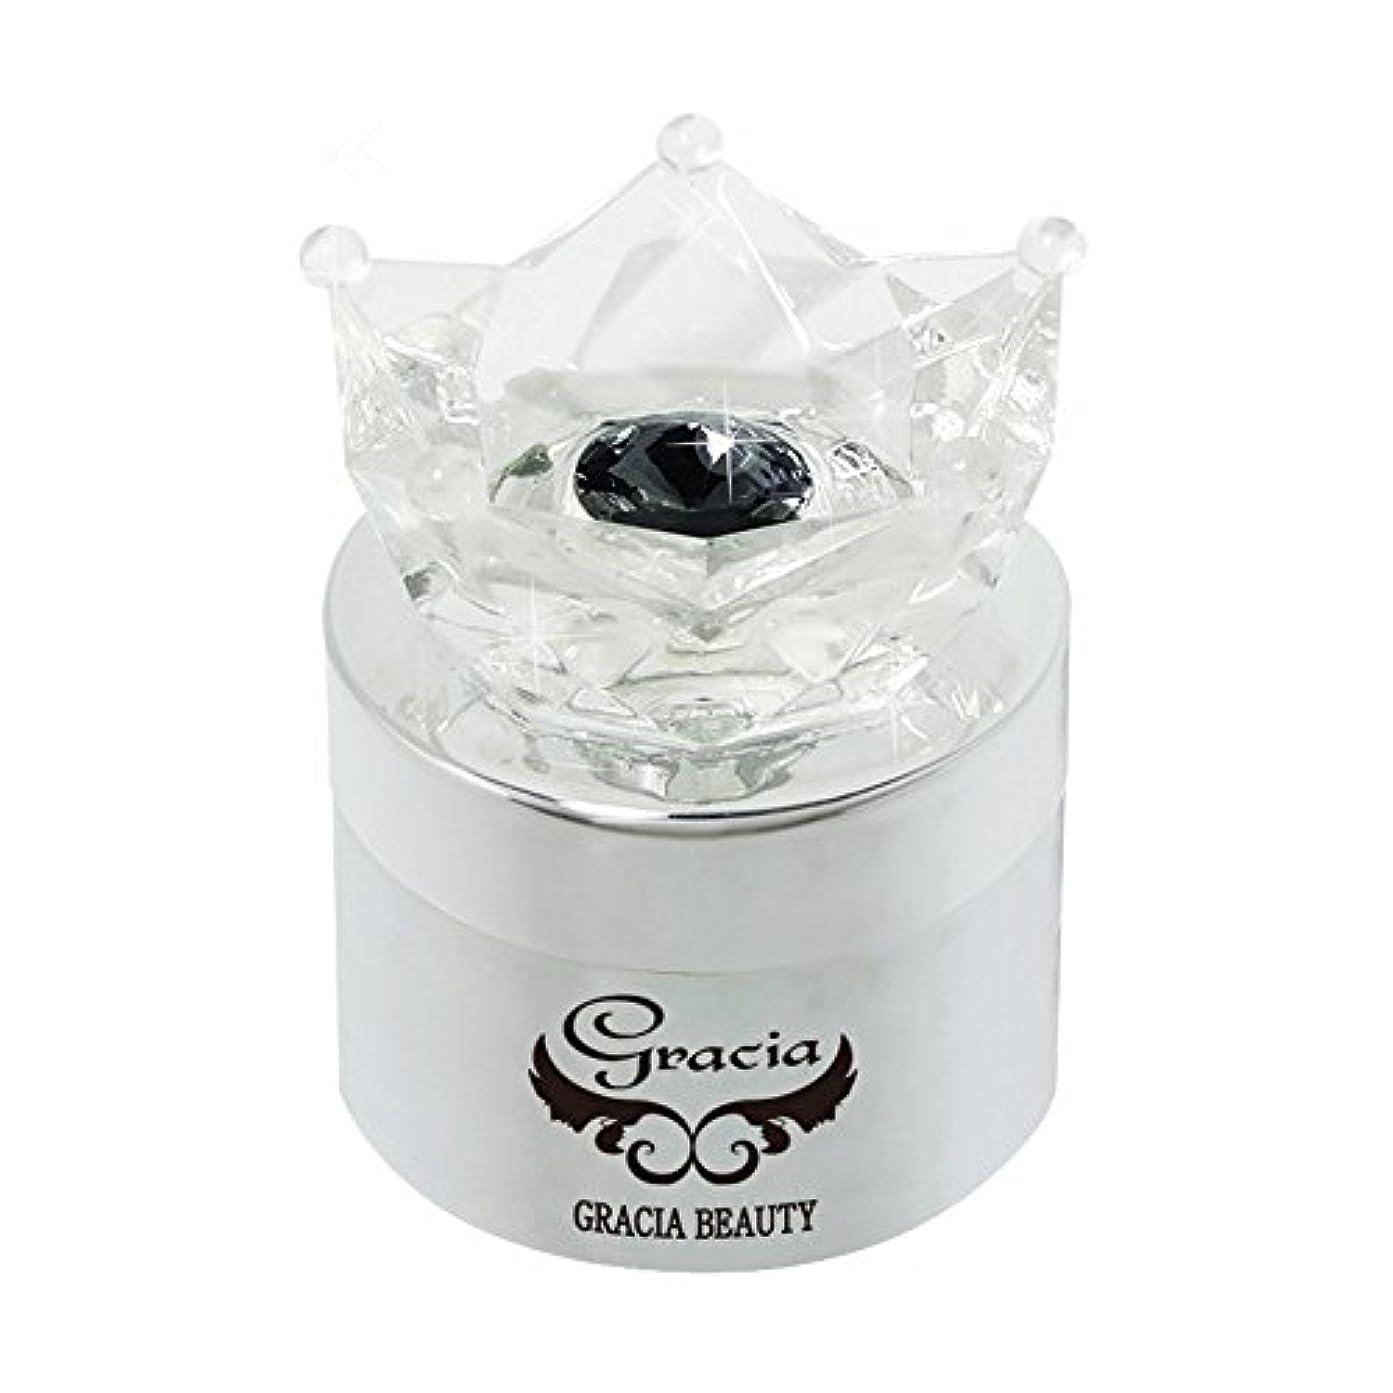 吸う気楽な解凍する、雪解け、霜解けグラシア ジェルネイル コフレットジェル GJ-143G 5g ピンク グリッター UV/LED対応 カラージェル ソークオフジェル